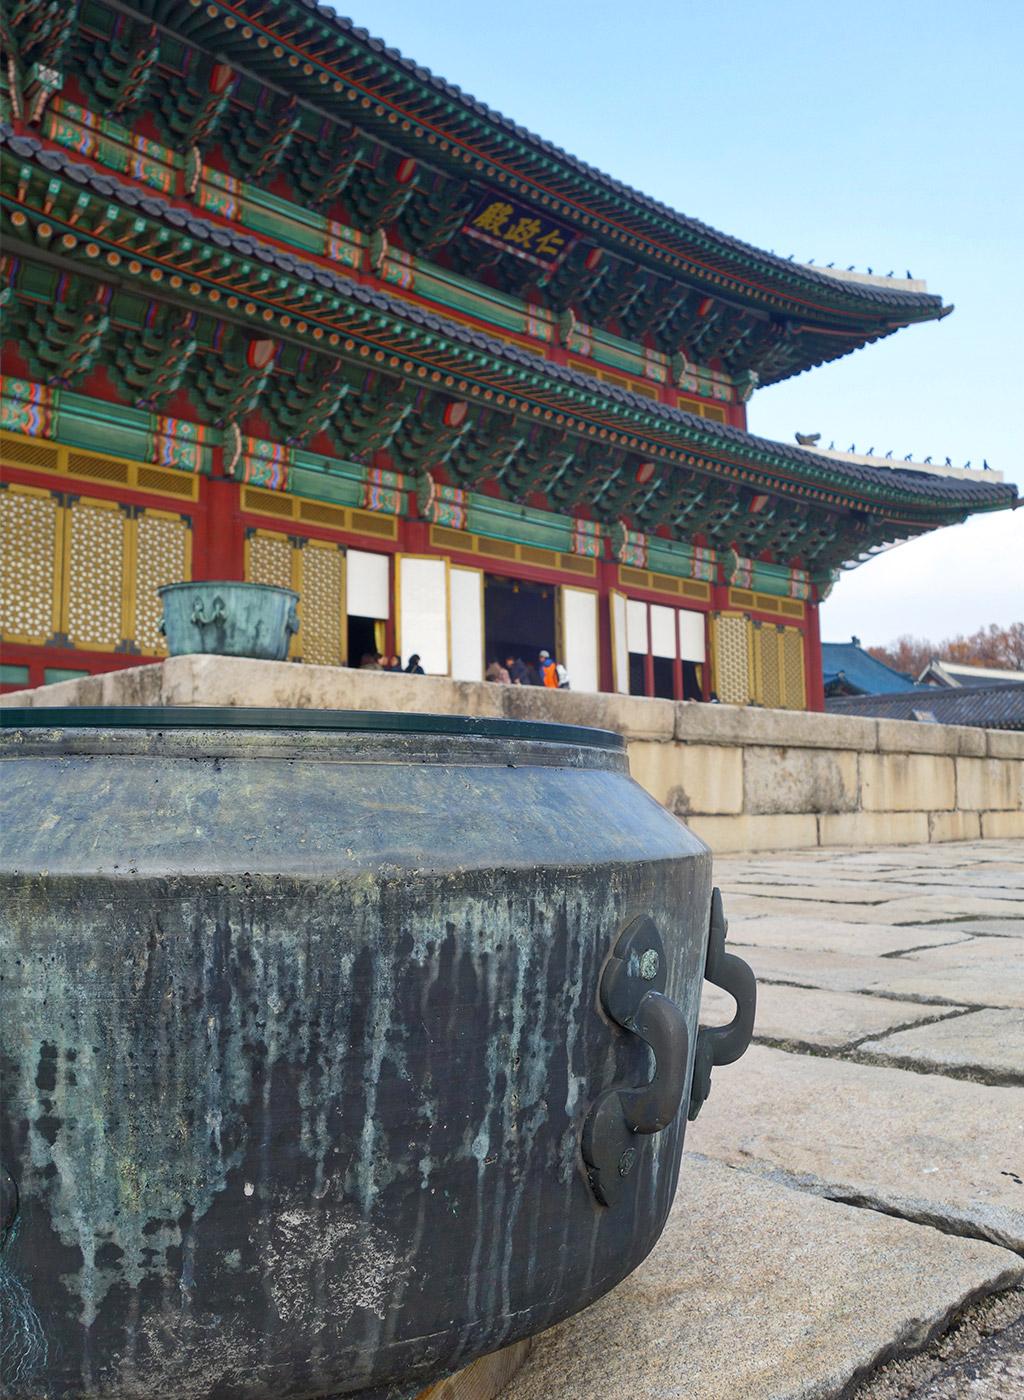 2-days-in-seoul-31